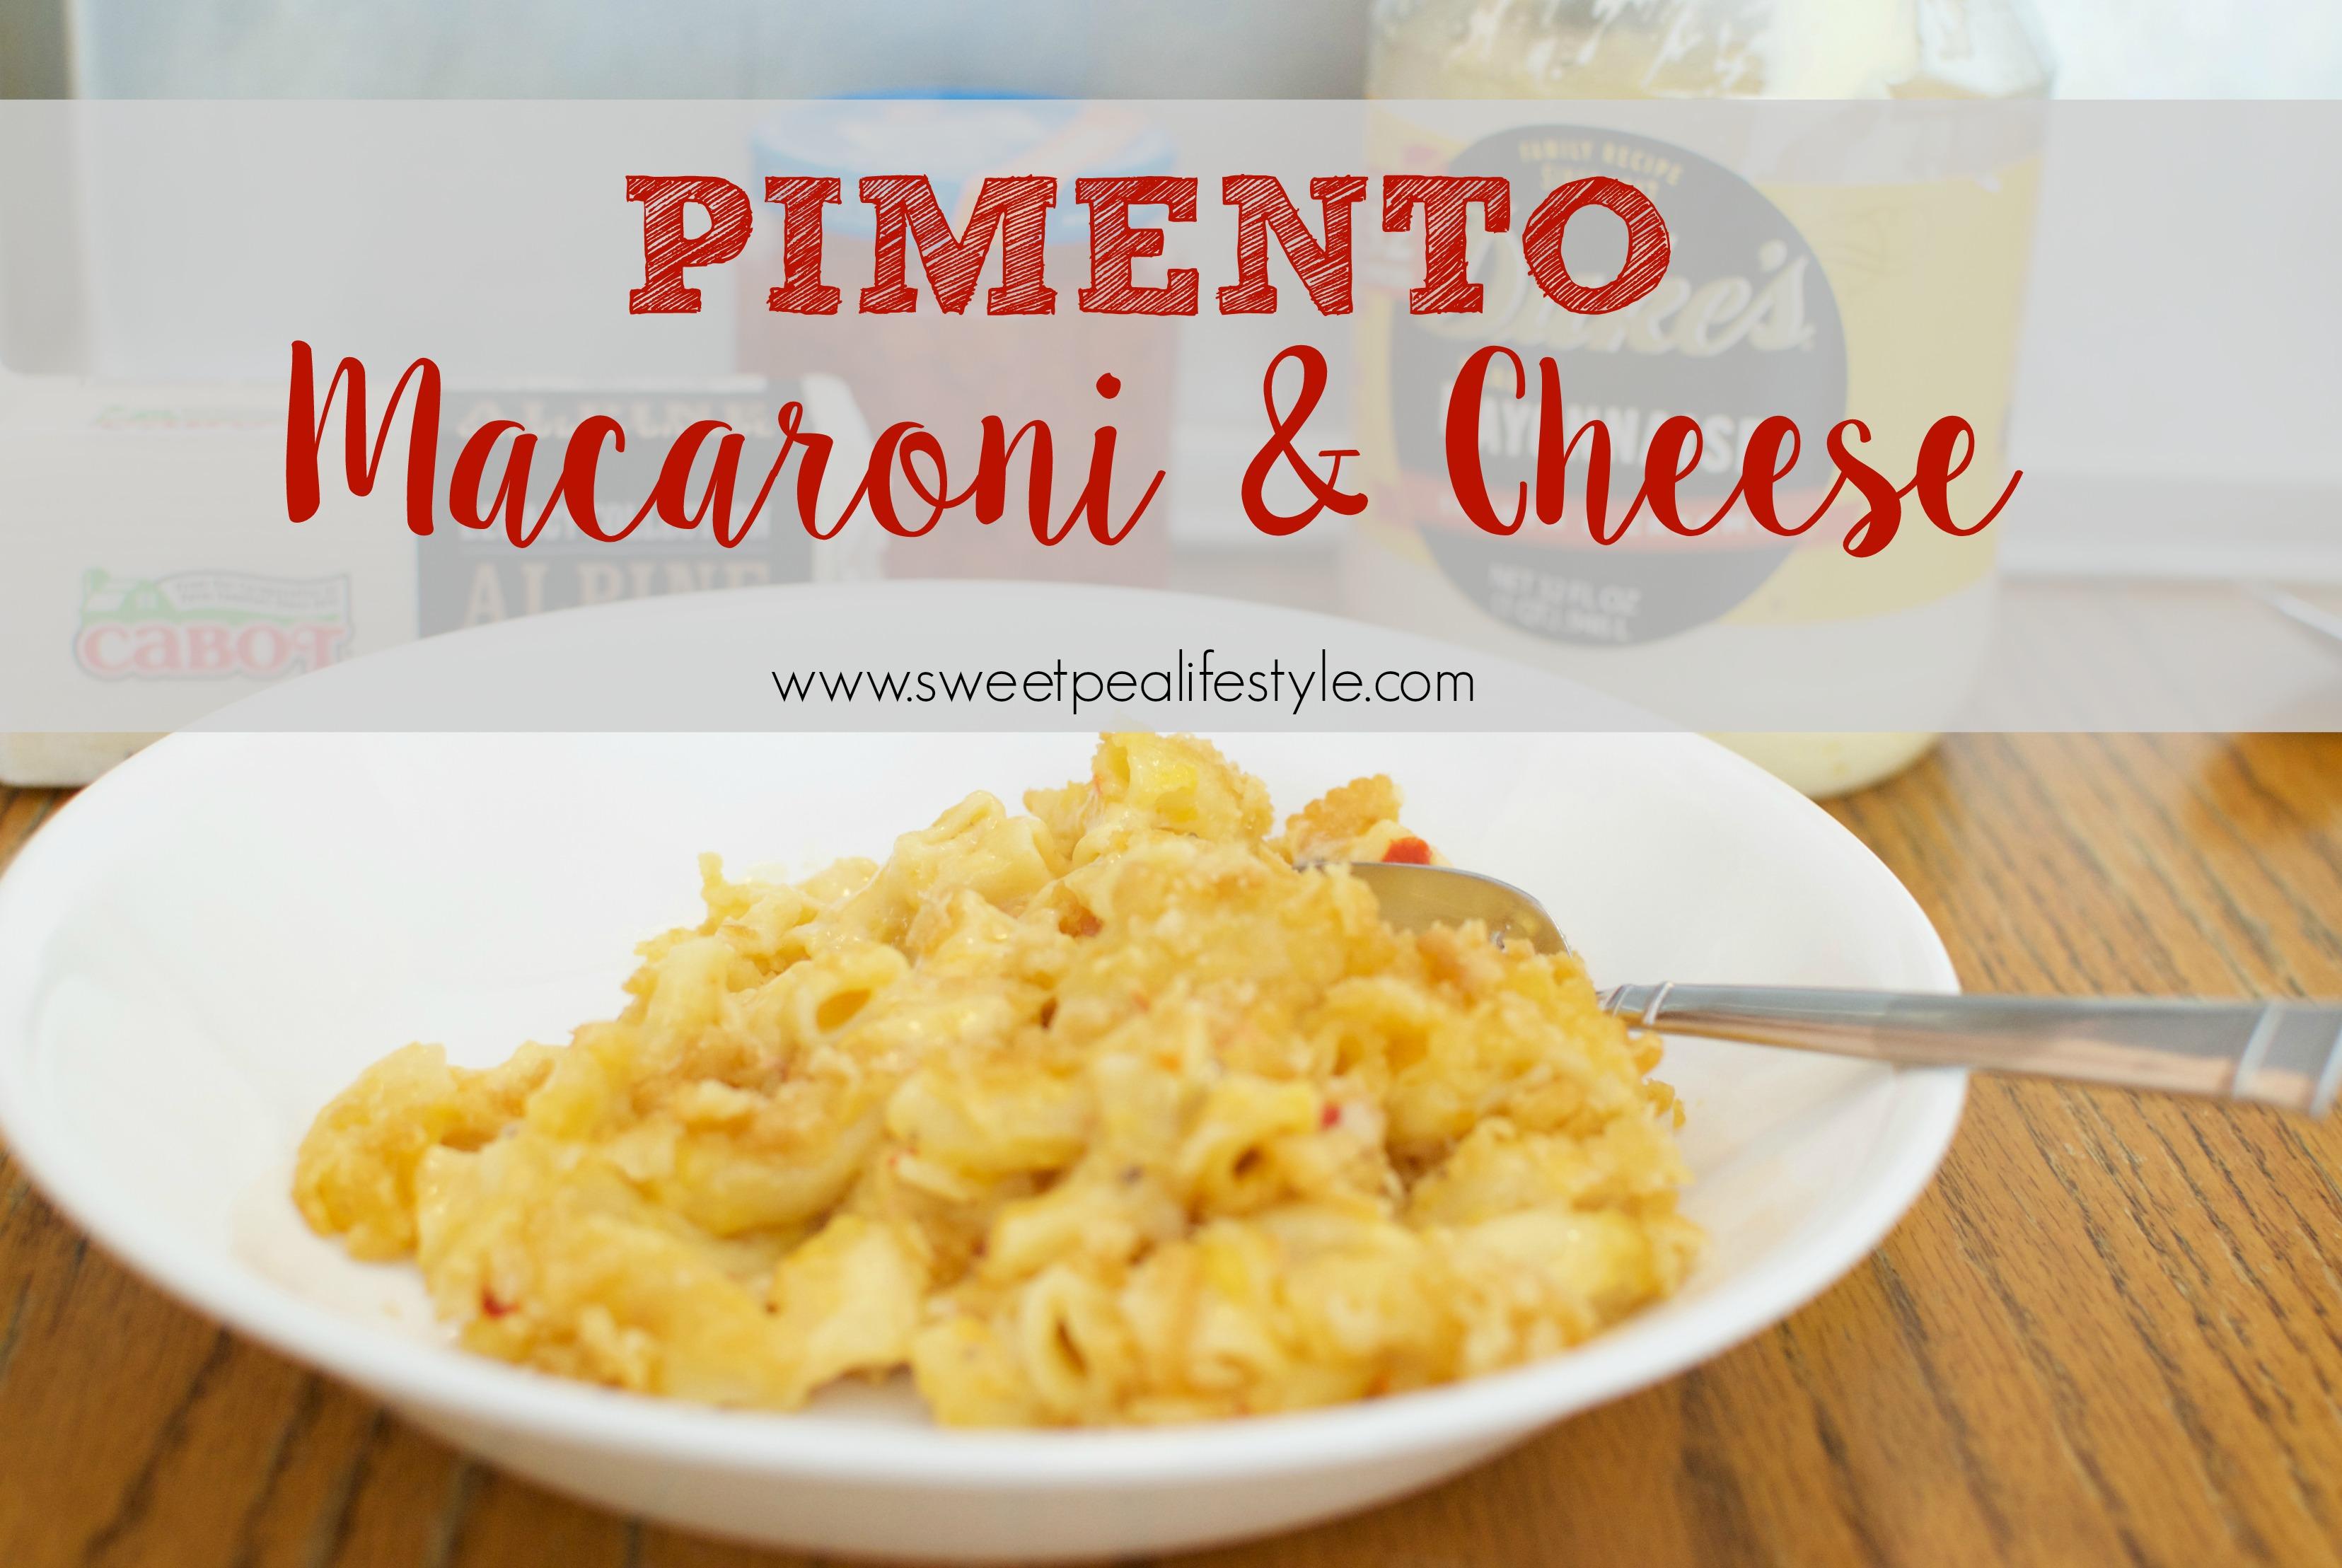 Pimento Macaroni & Cheese